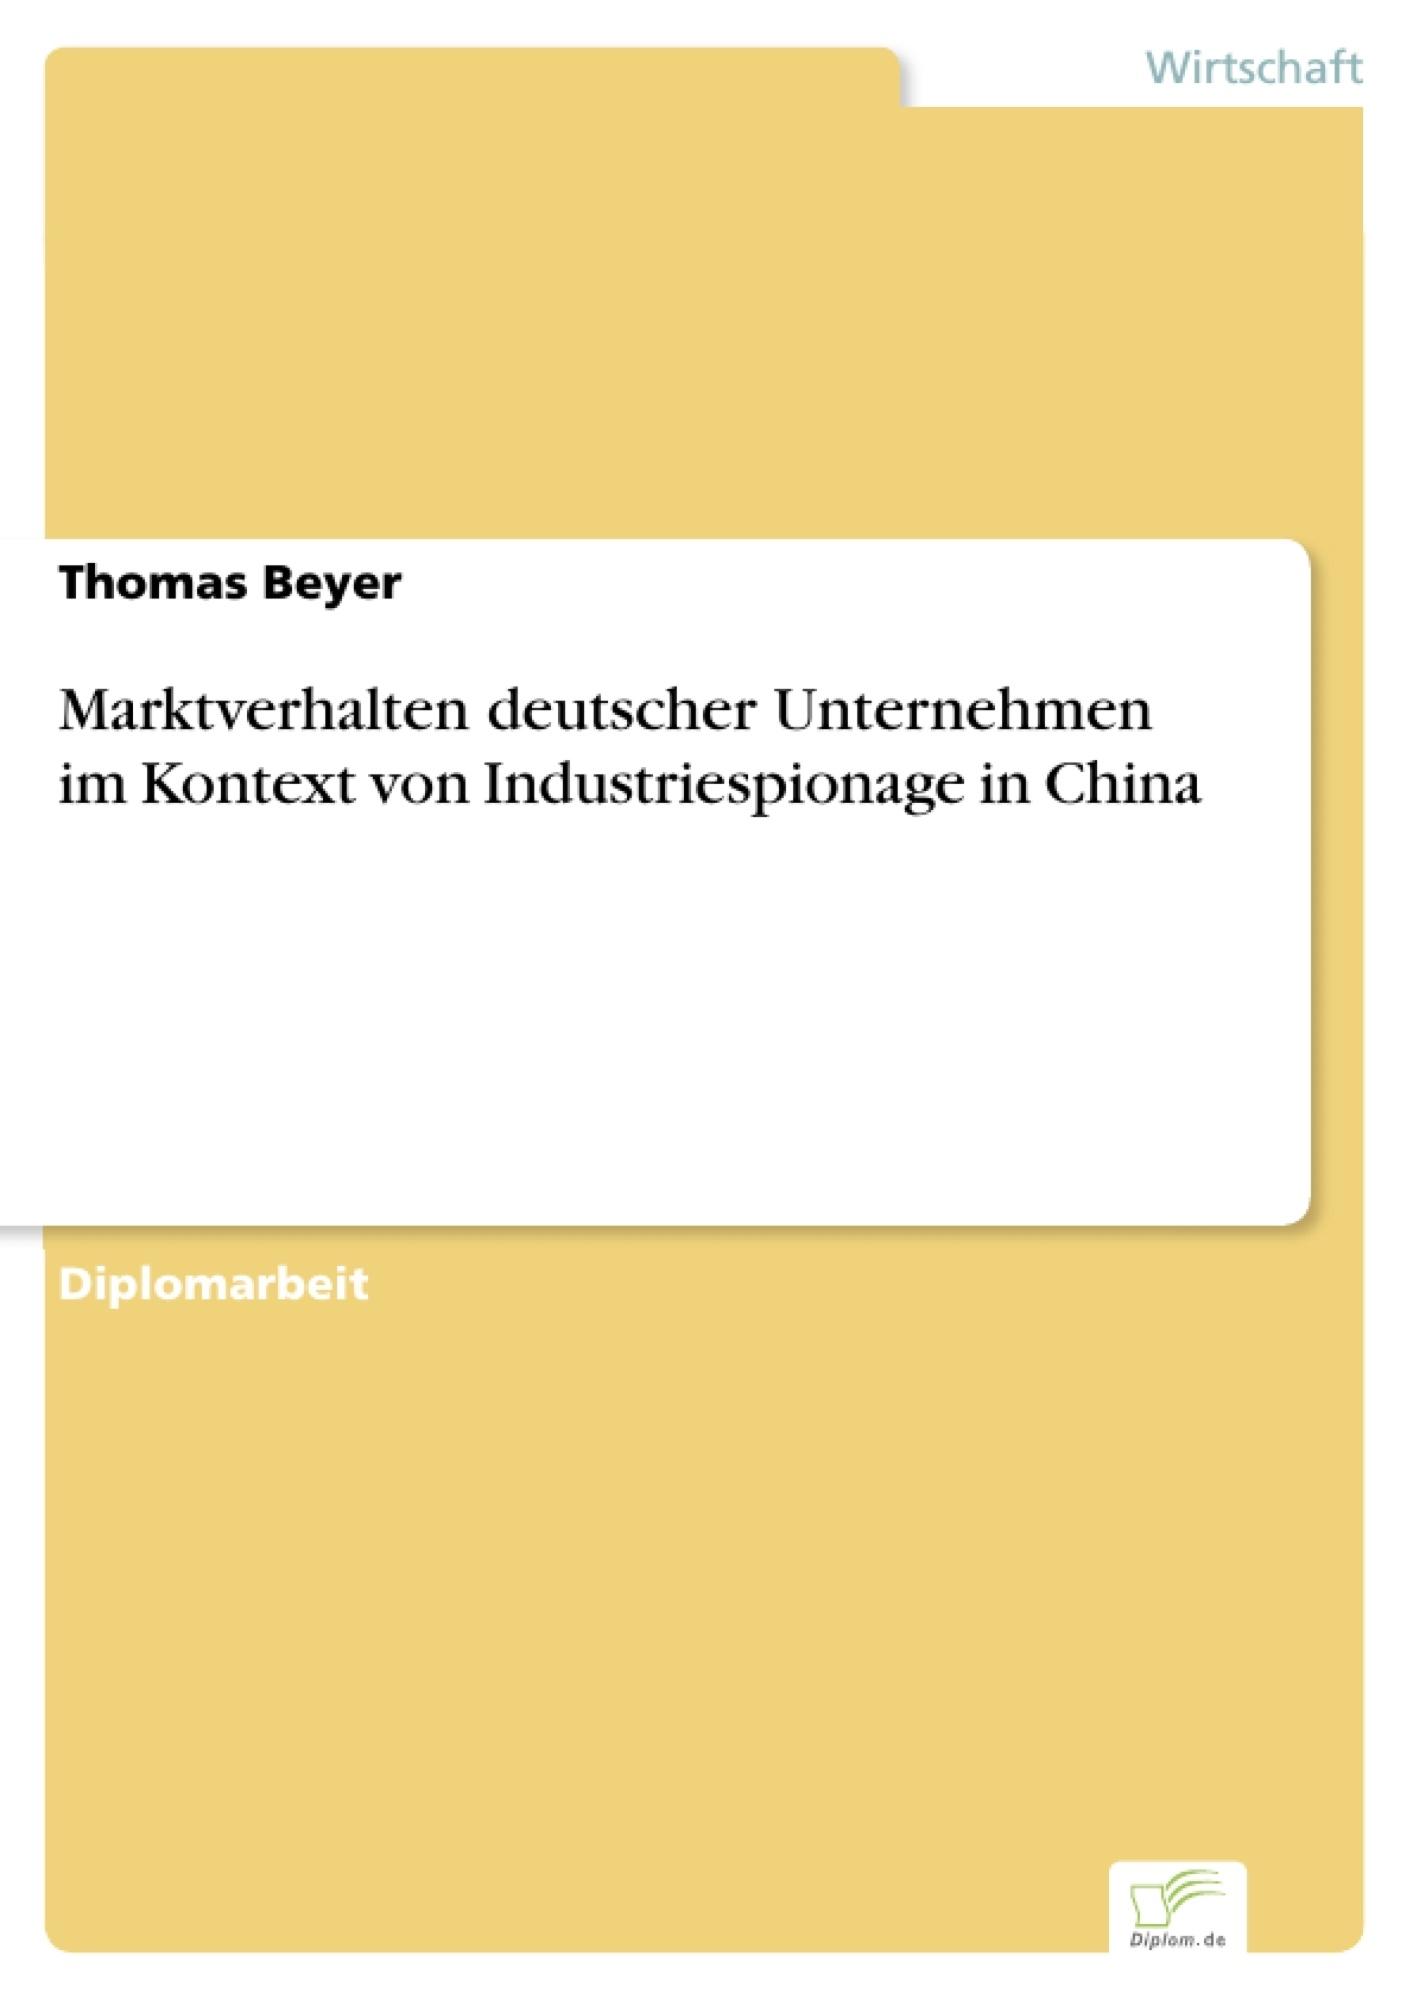 Marktverhalten deutscher Unternehmen im Kontext von ...